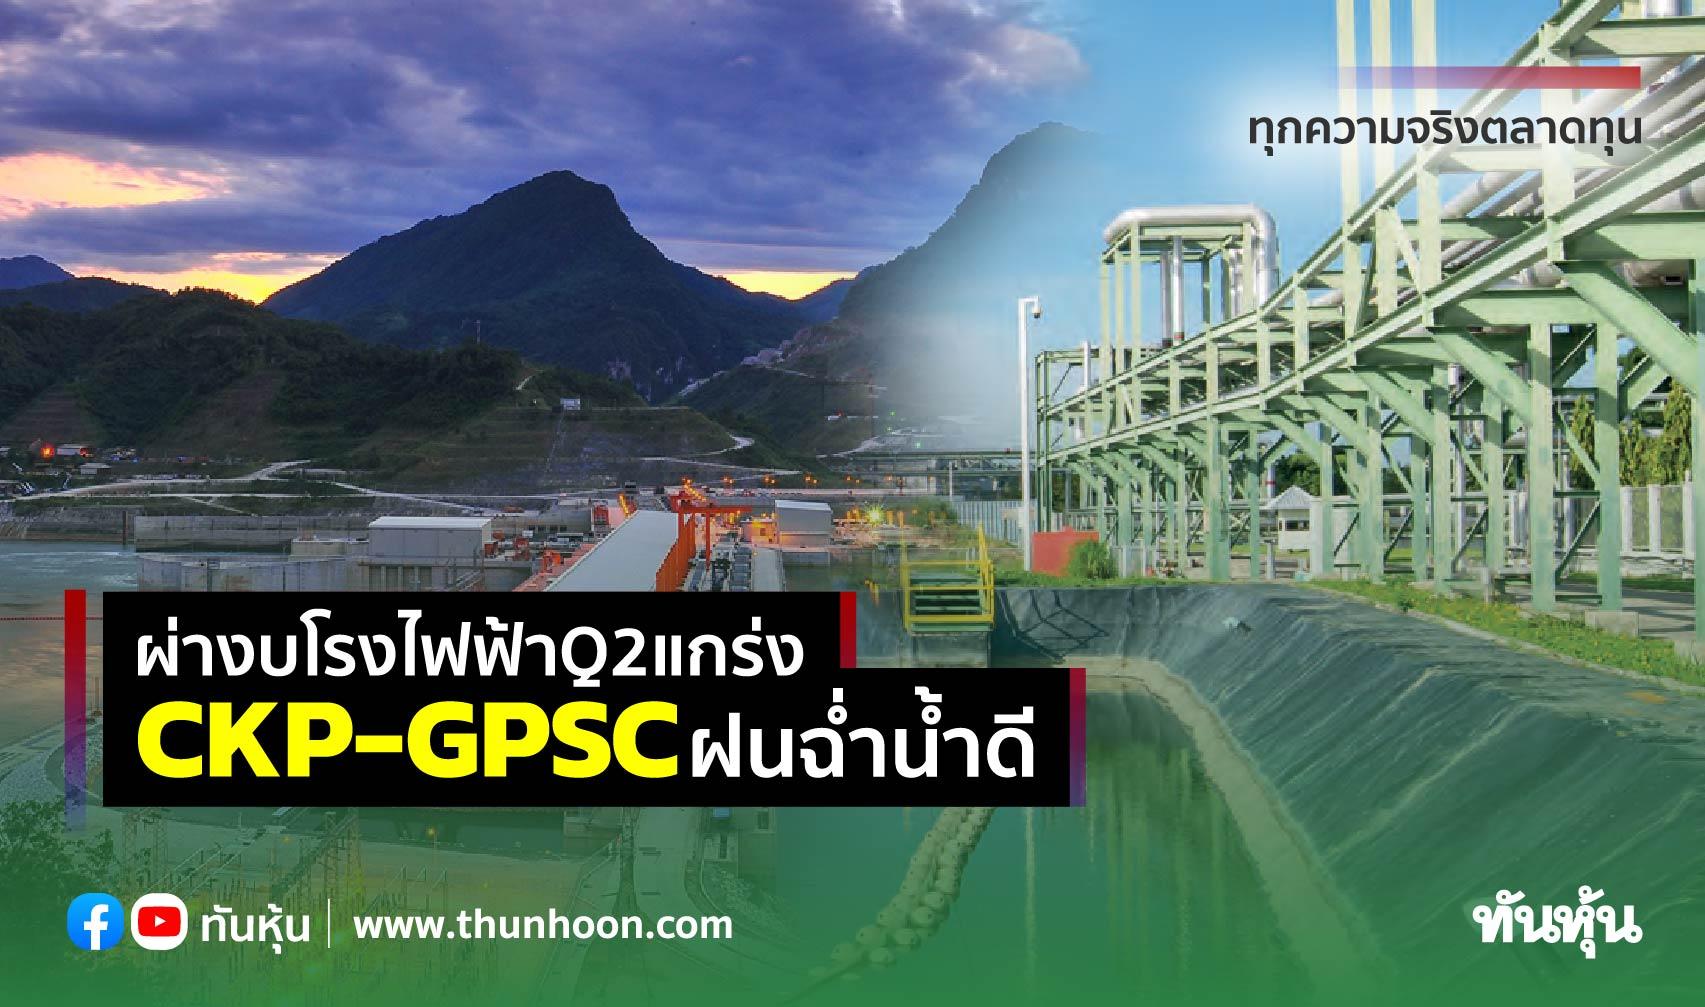 ผ่างบโรงไฟฟ้าQ2แกร่ง CKP-GPSCฝนฉ่ำน้ำดี